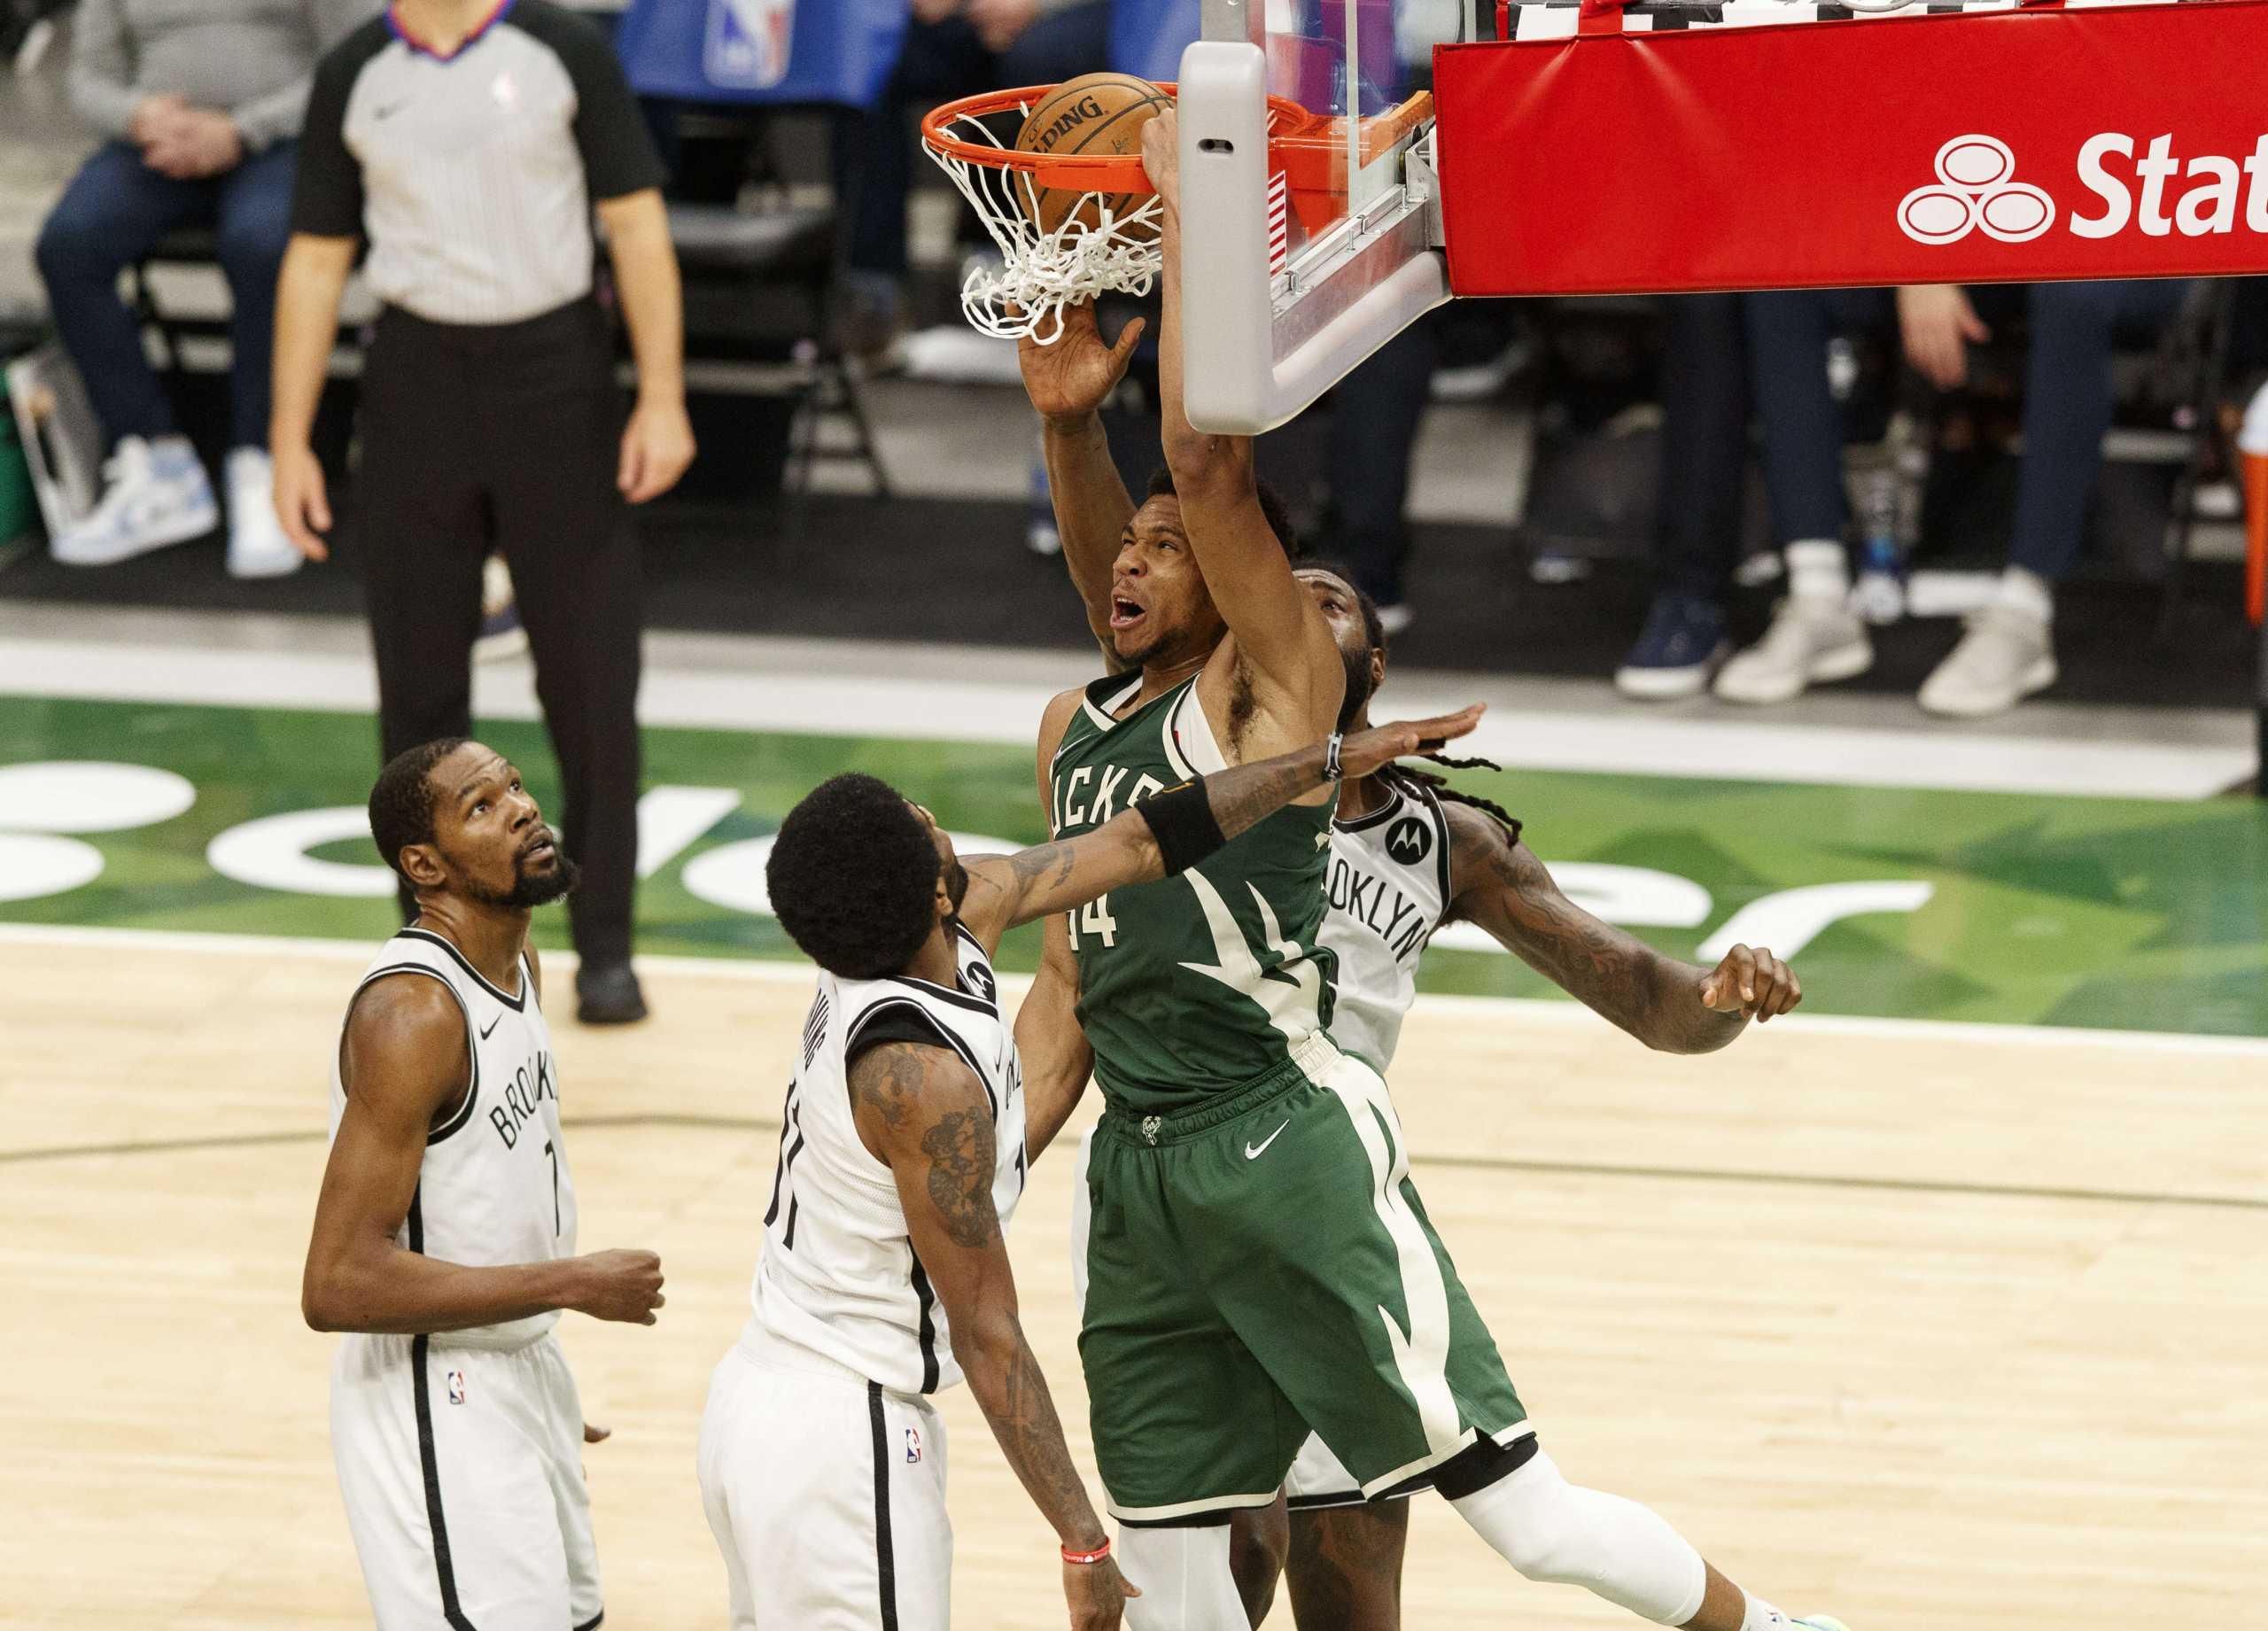 Ο Αντετοκούνμπο «κάρφωσε» τον Ντουράντ στο Top 10 του NBA